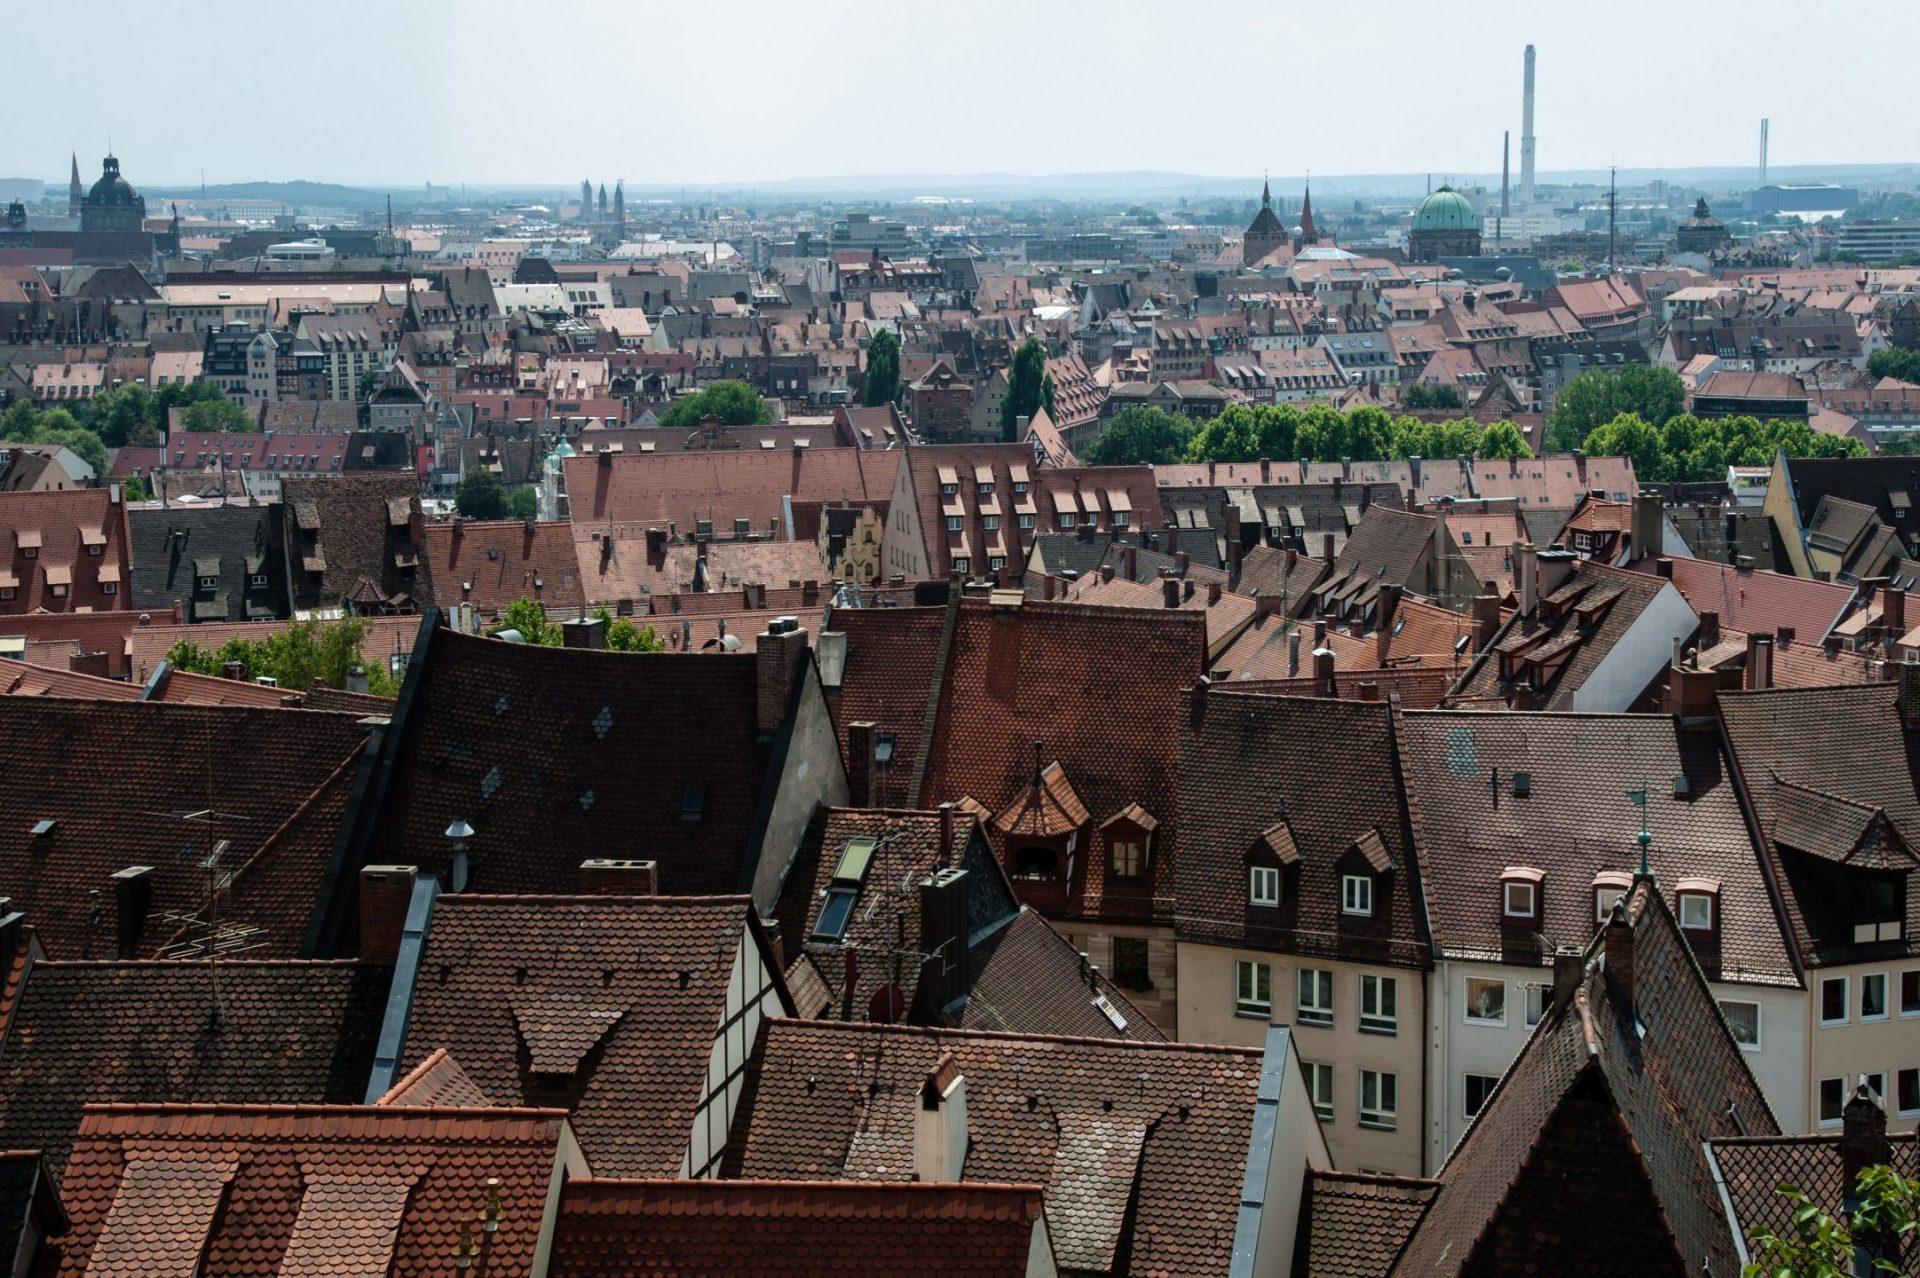 Blick über die Dächer der Altstadt Nürnbergs